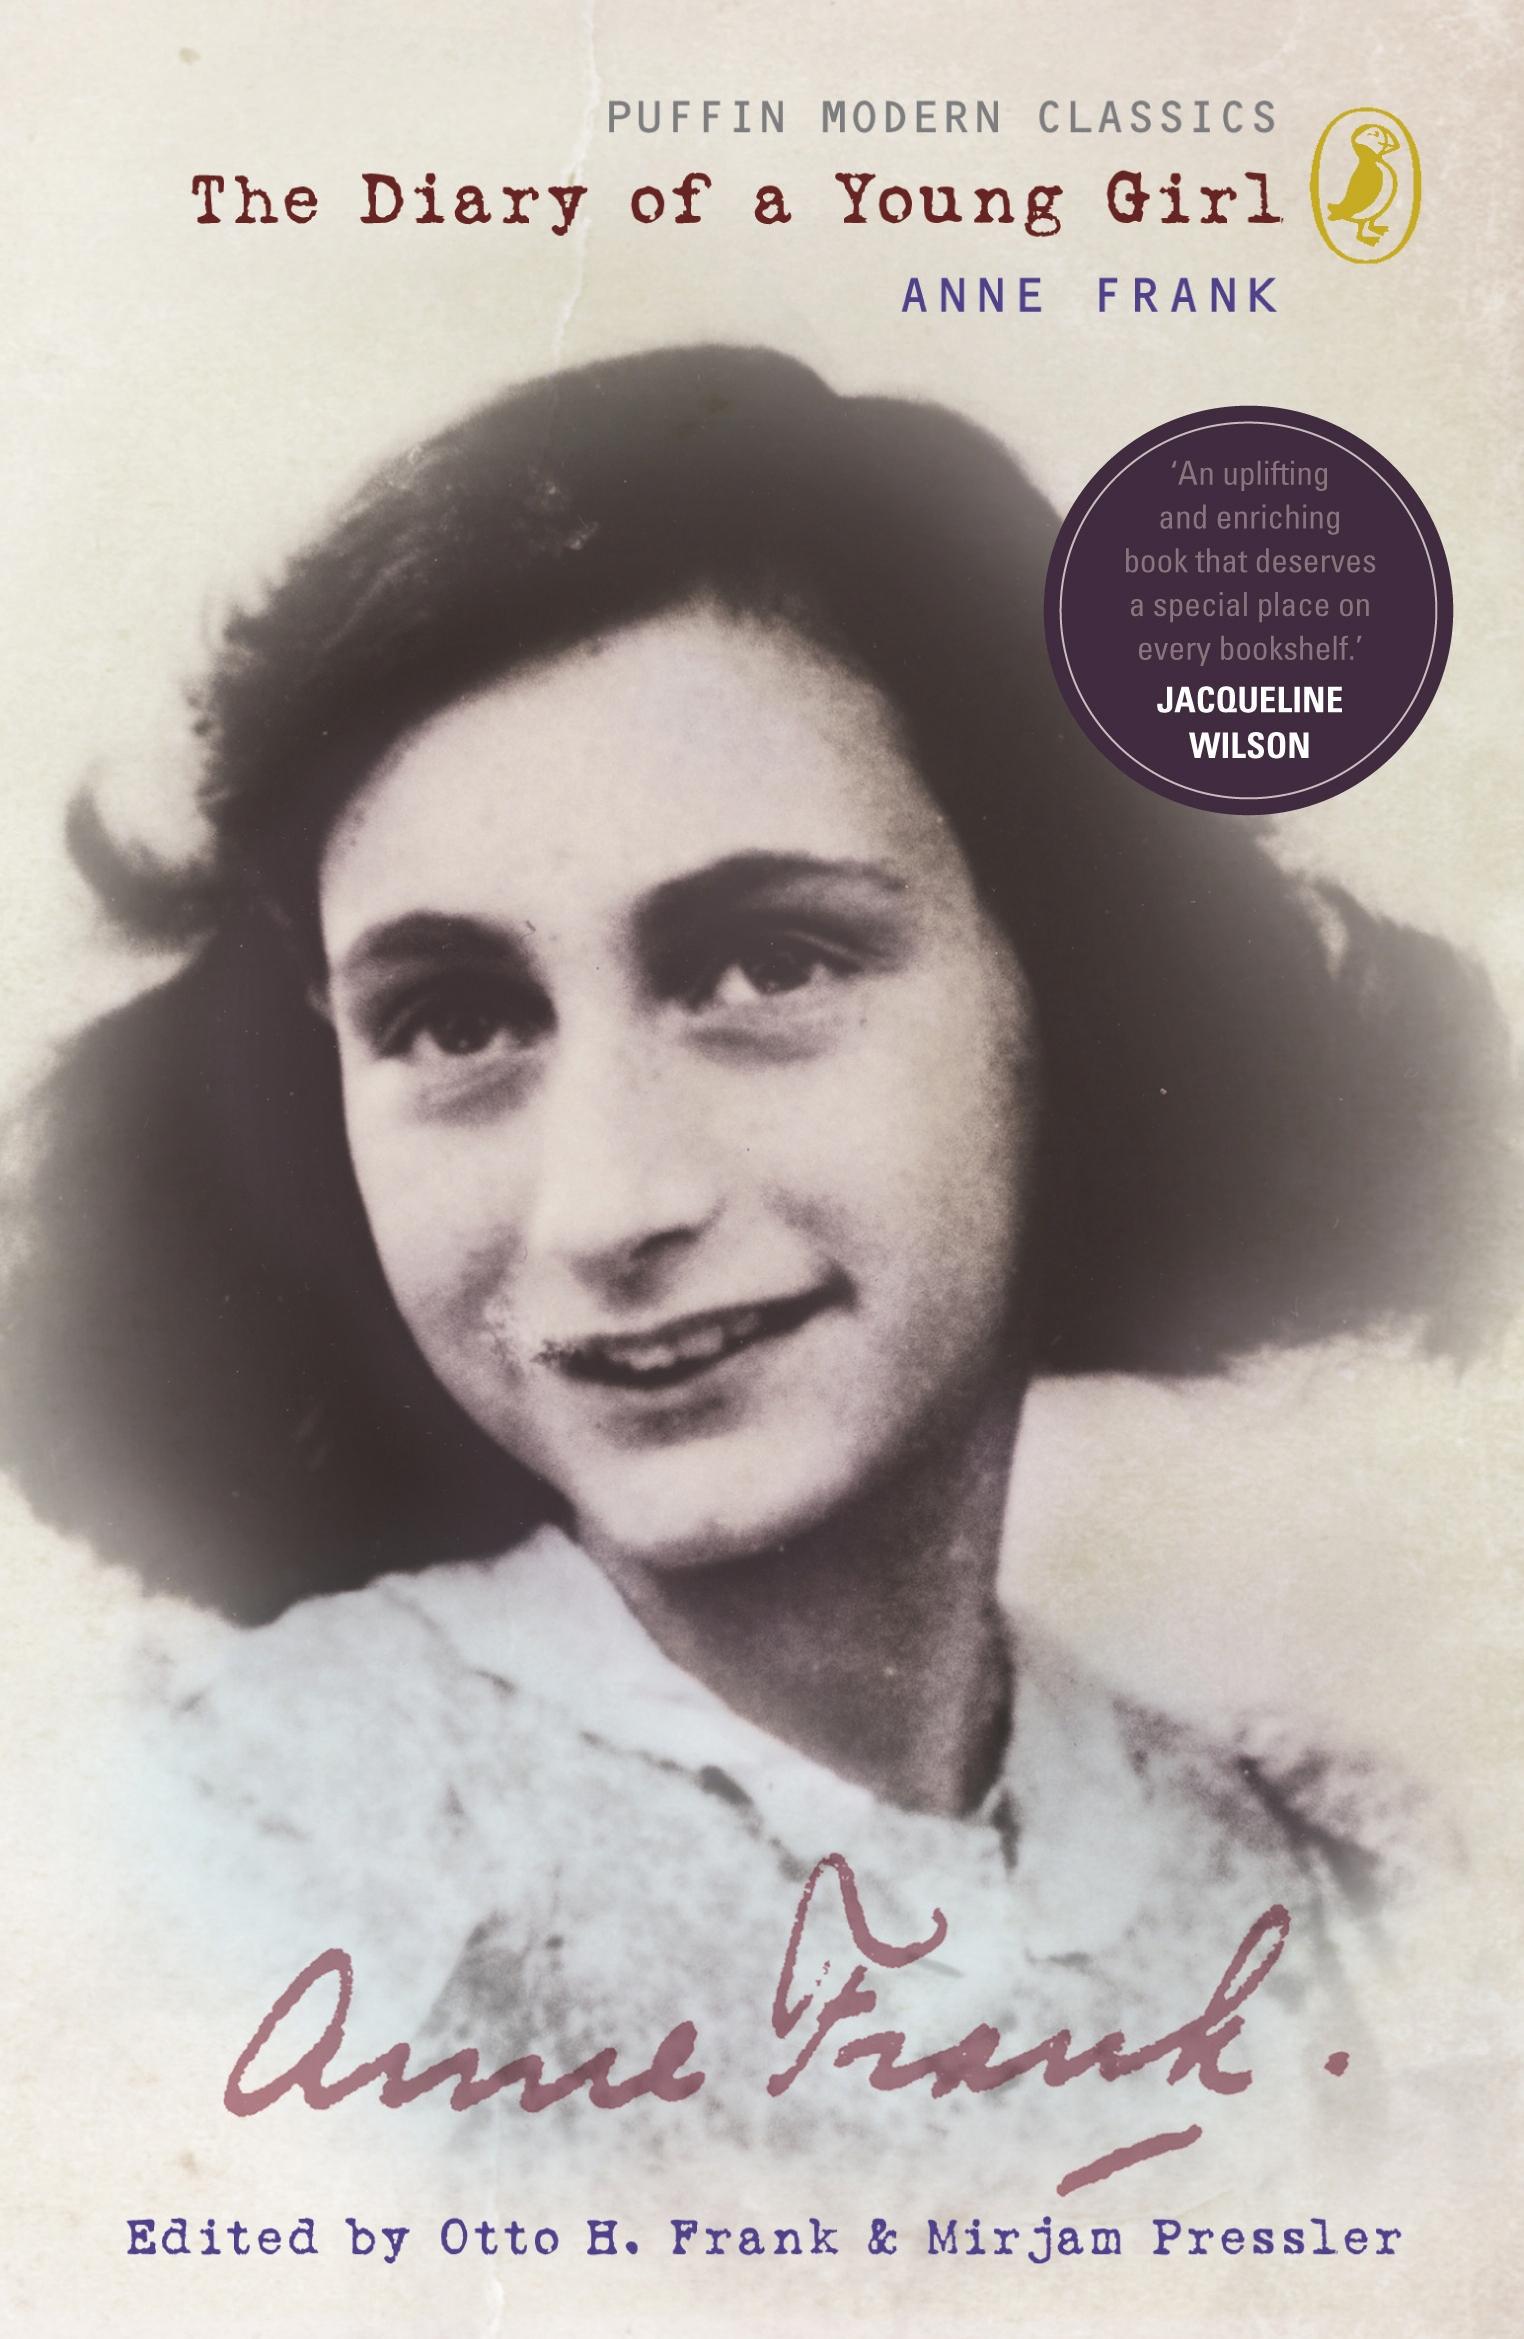 Nhật ký của Anne Frank